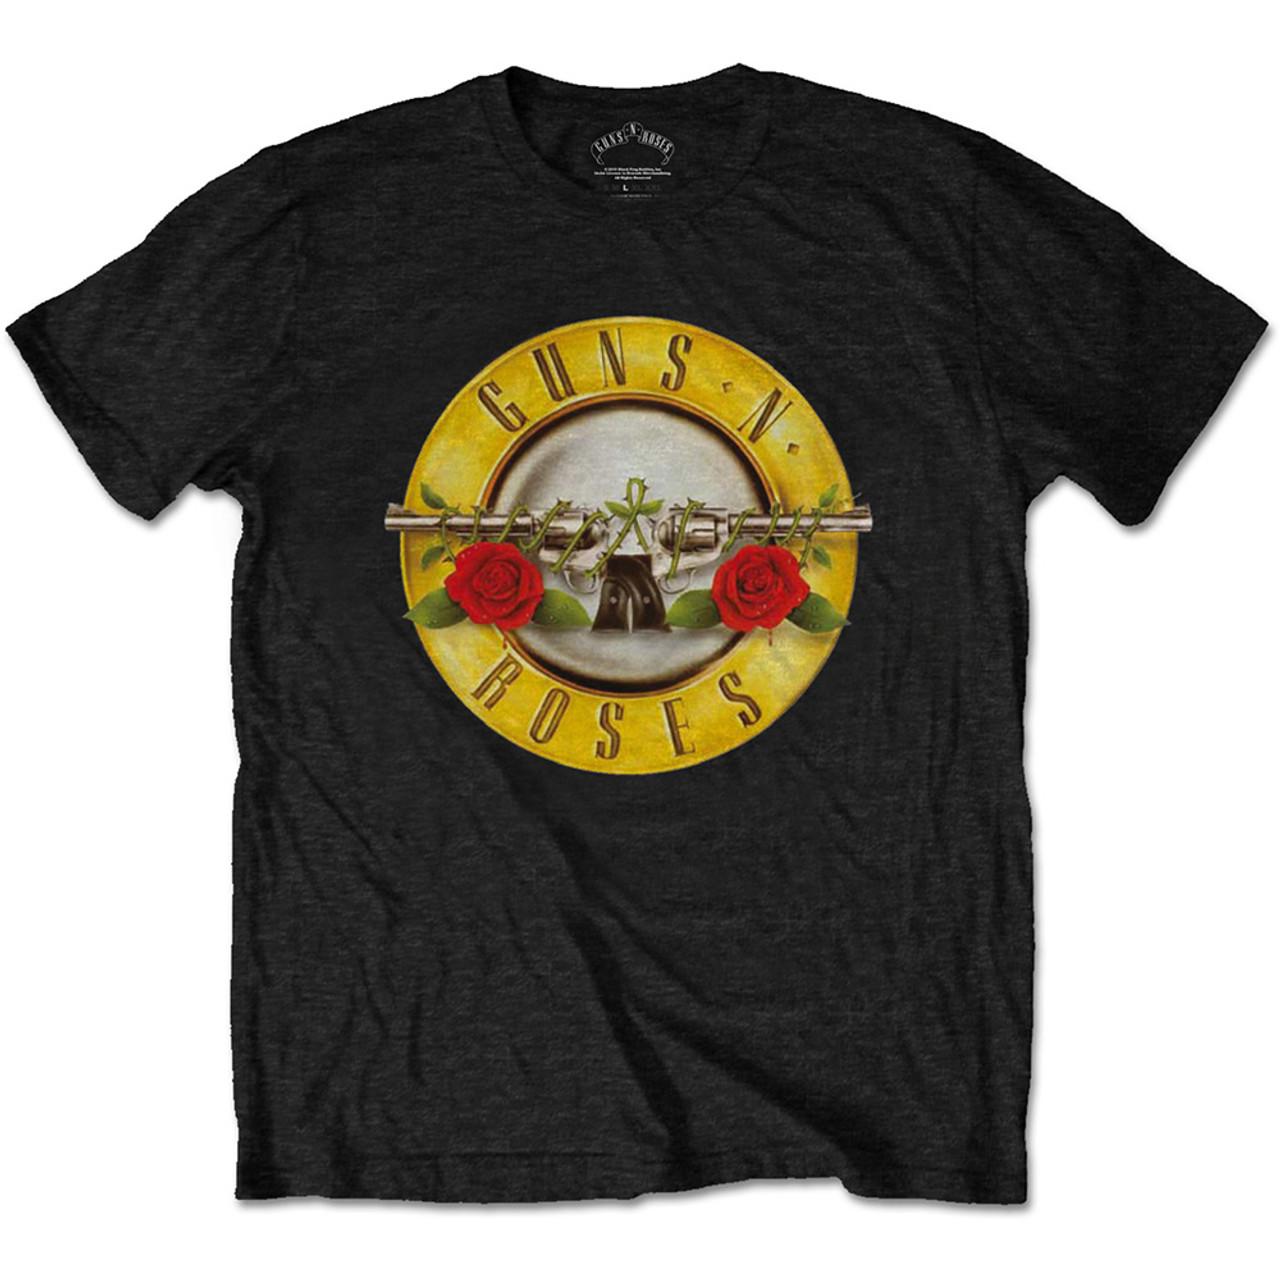 ea0e7e229 Guns N Roses Classic Logo Black T-Shirt